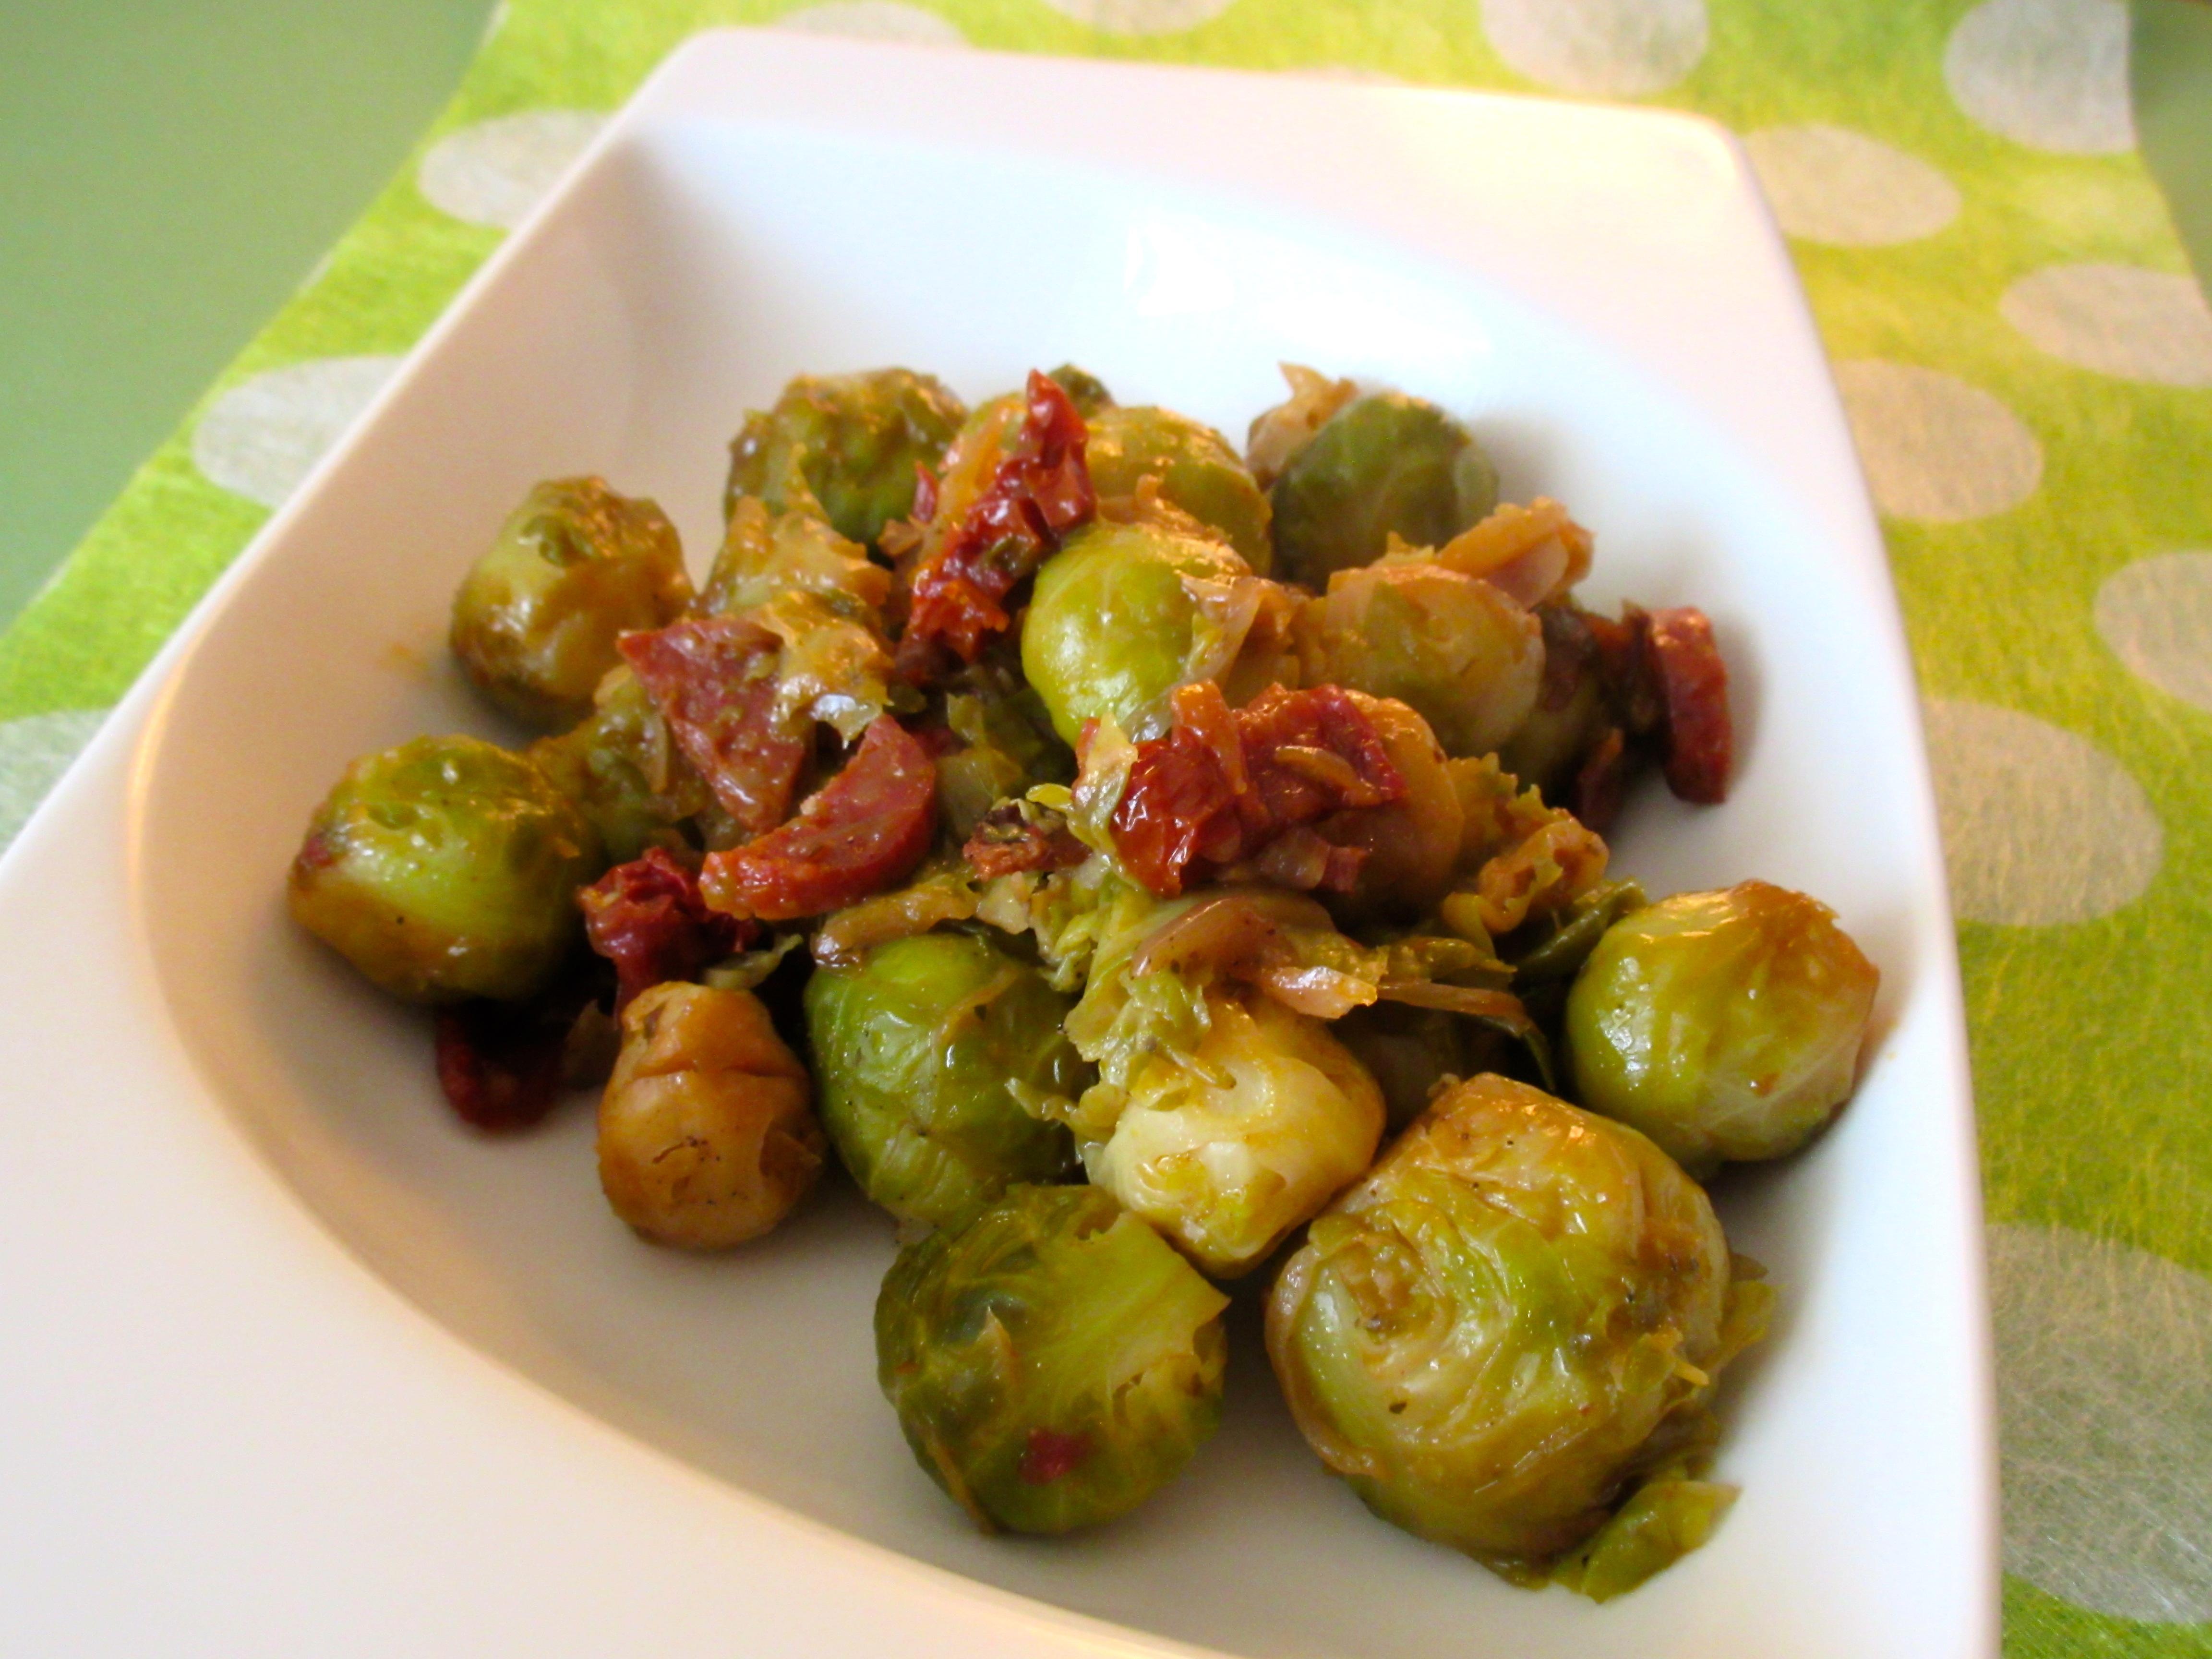 poêlée de choux de bruxelles au chorizo et tomates confites : diet